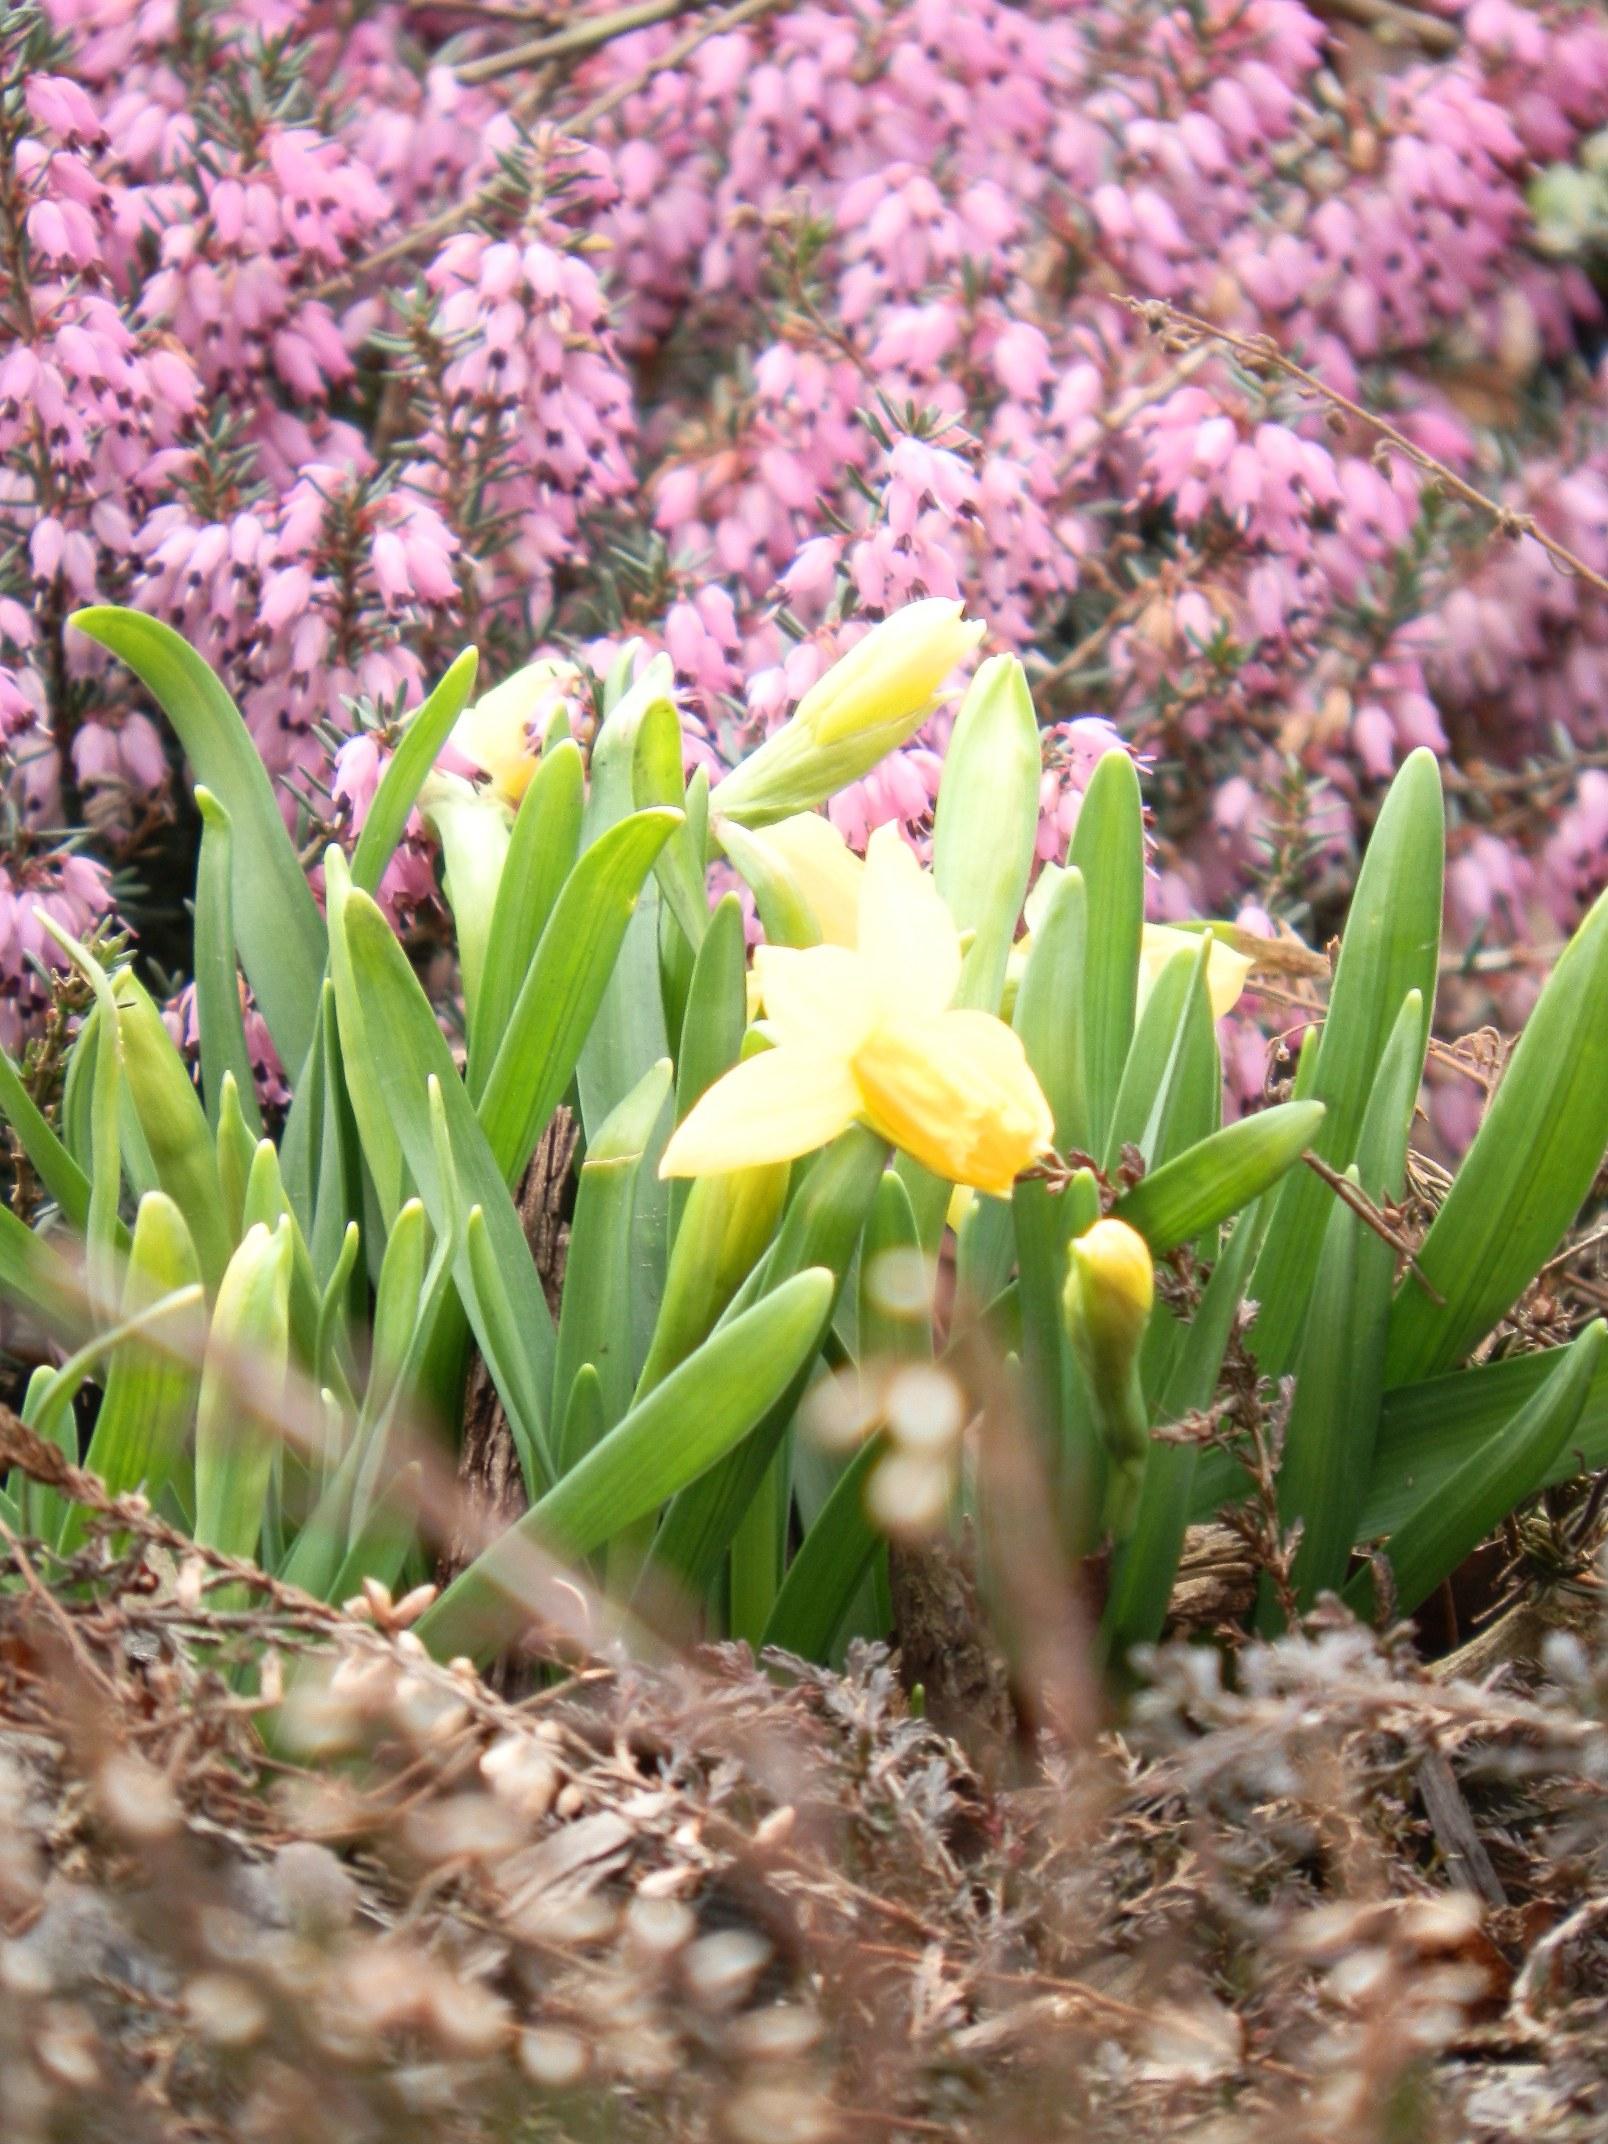 Časně jarní zahrada je ve znamení jarních okrasných cibulovin, které se mají docela čile k světu i ve vřesovišti, které je na jaře rovněž velmi působivé.